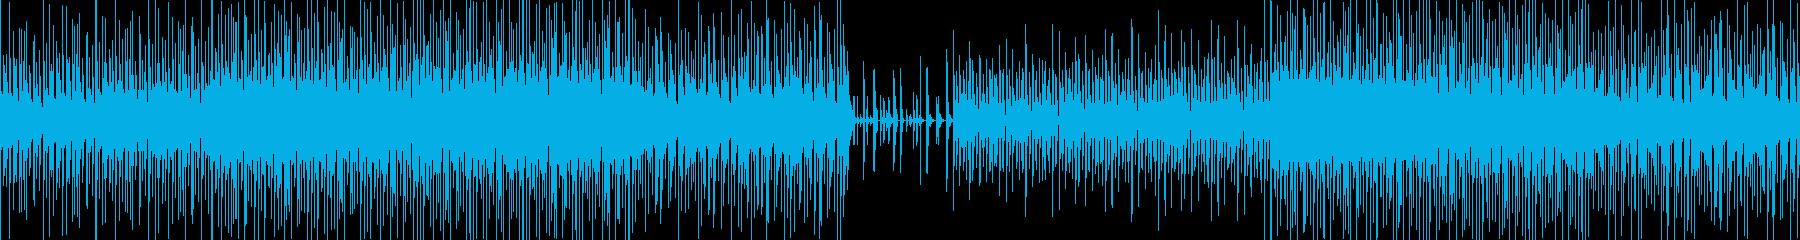 【ループ対応】低音が効いた無機質ビートの再生済みの波形